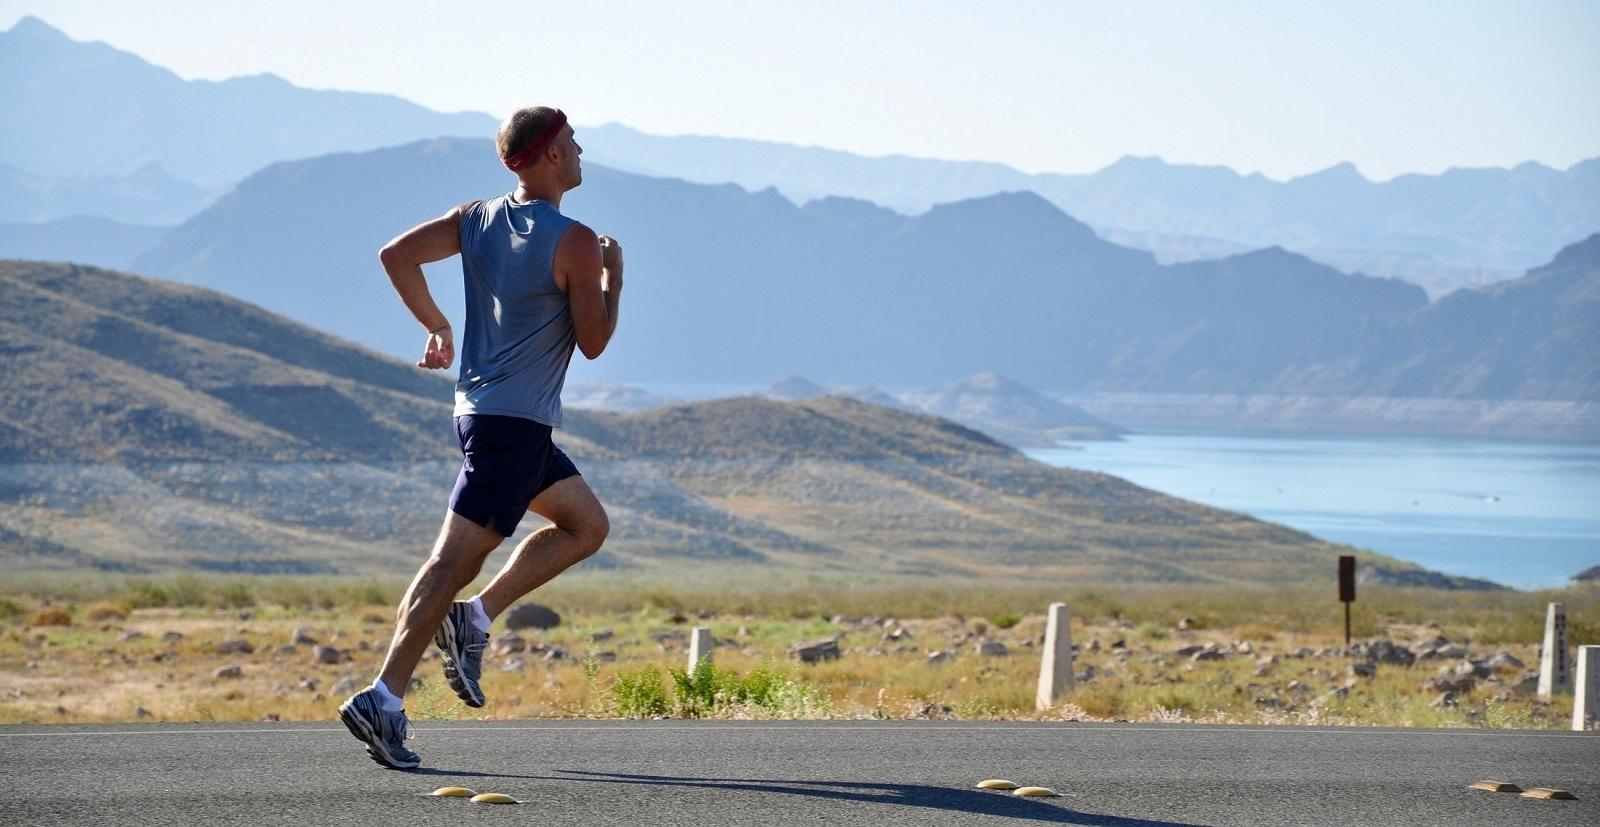 Aprender a correr relaxado e com boa técnica de corrida